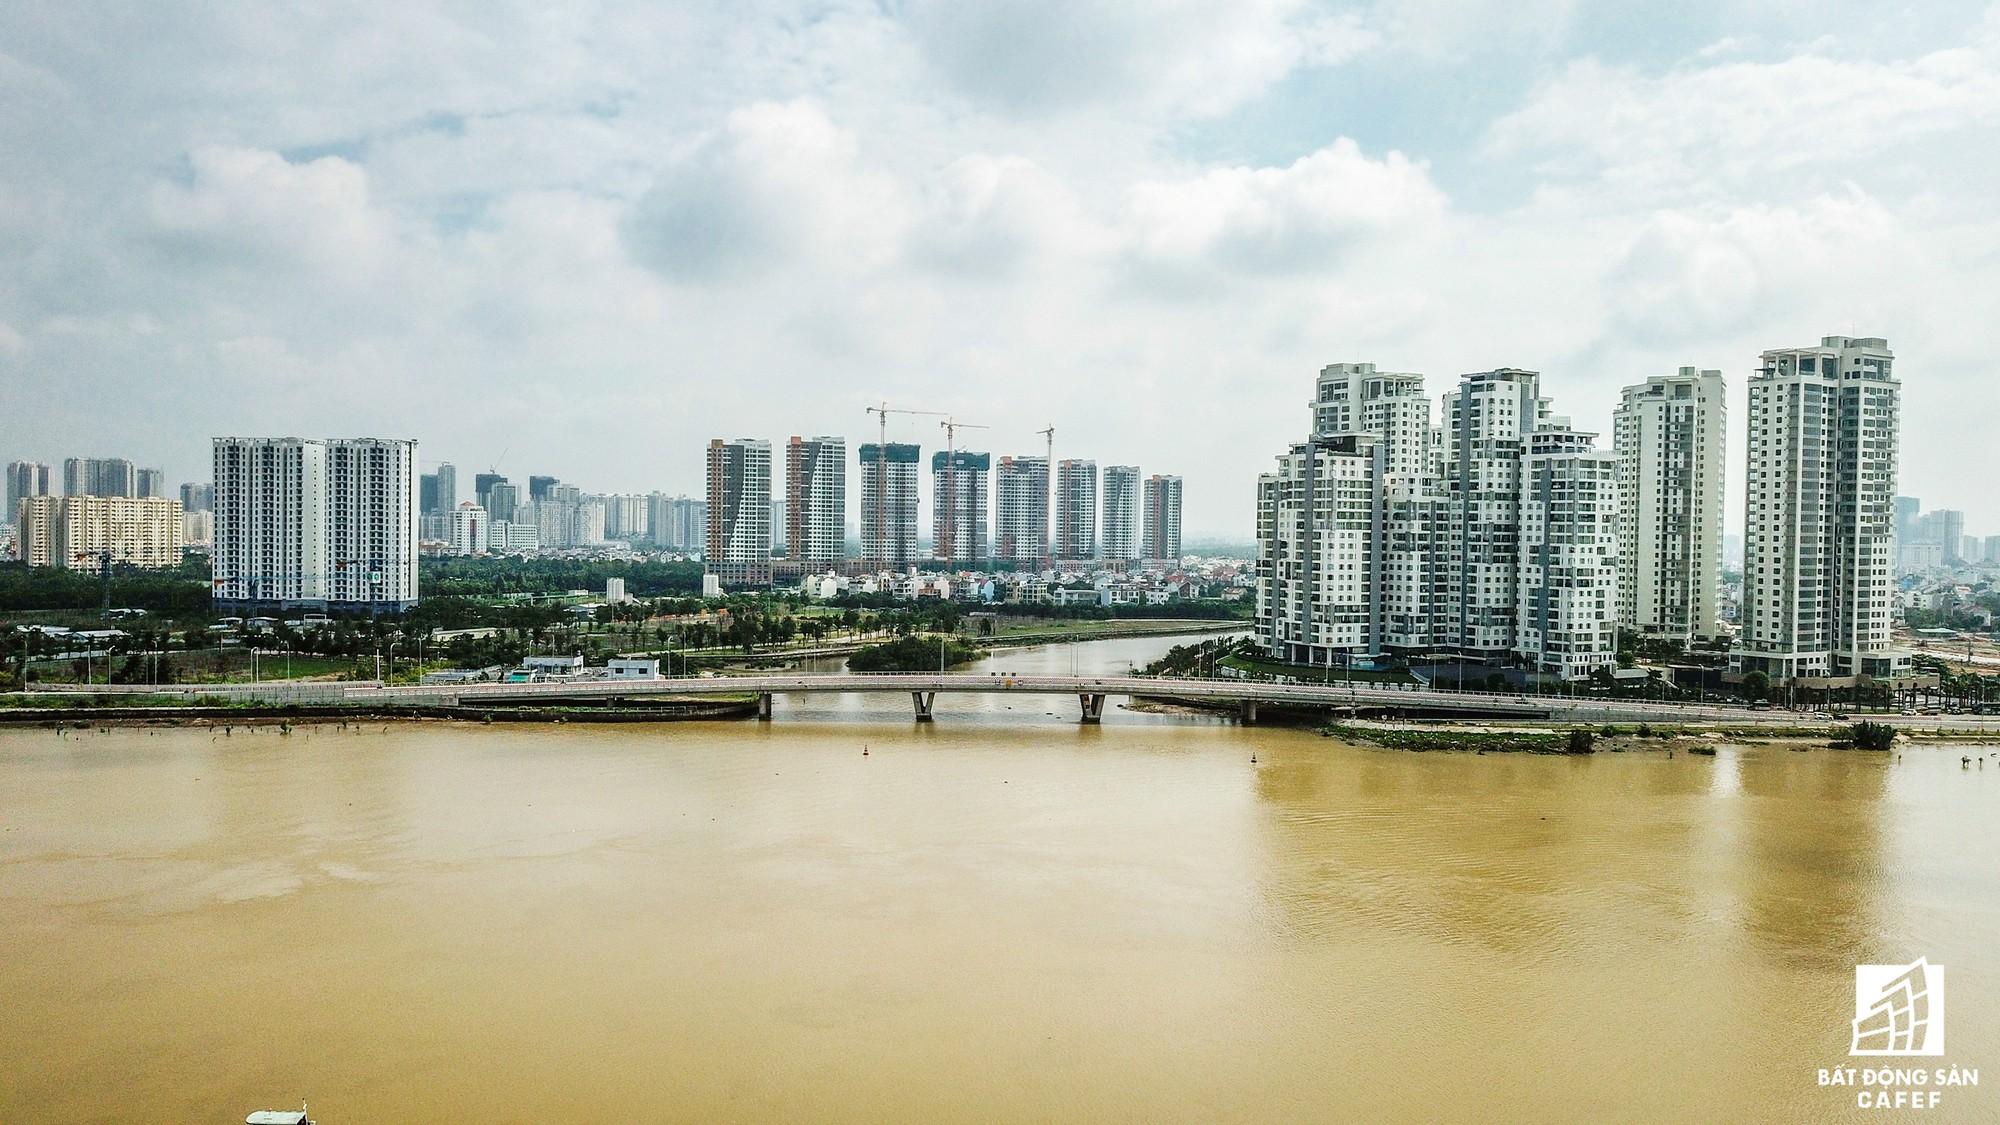 Diện mạo hai bờ sông Sài Gòn tương lai nhìn từ loạt siêu dự án tỷ đô, khu vực trung tâm giá nhà lên hơn 1 tỷ đồng/m2 - Ảnh 11. Diện mạo hai bờ sông Sài Gòn tương lai nhìn từ loạt siêu dự án tỷ đô, khu vực trung tâm giá nhà lên hơn 1 tỷ đồng/m2 Diện mạo hai bờ sông Sài Gòn tương lai nhìn từ loạt siêu dự án tỷ đô, khu vực trung tâm giá nhà lên hơn 1 tỷ đồng/m2 hinh 16 15682749929861791681235